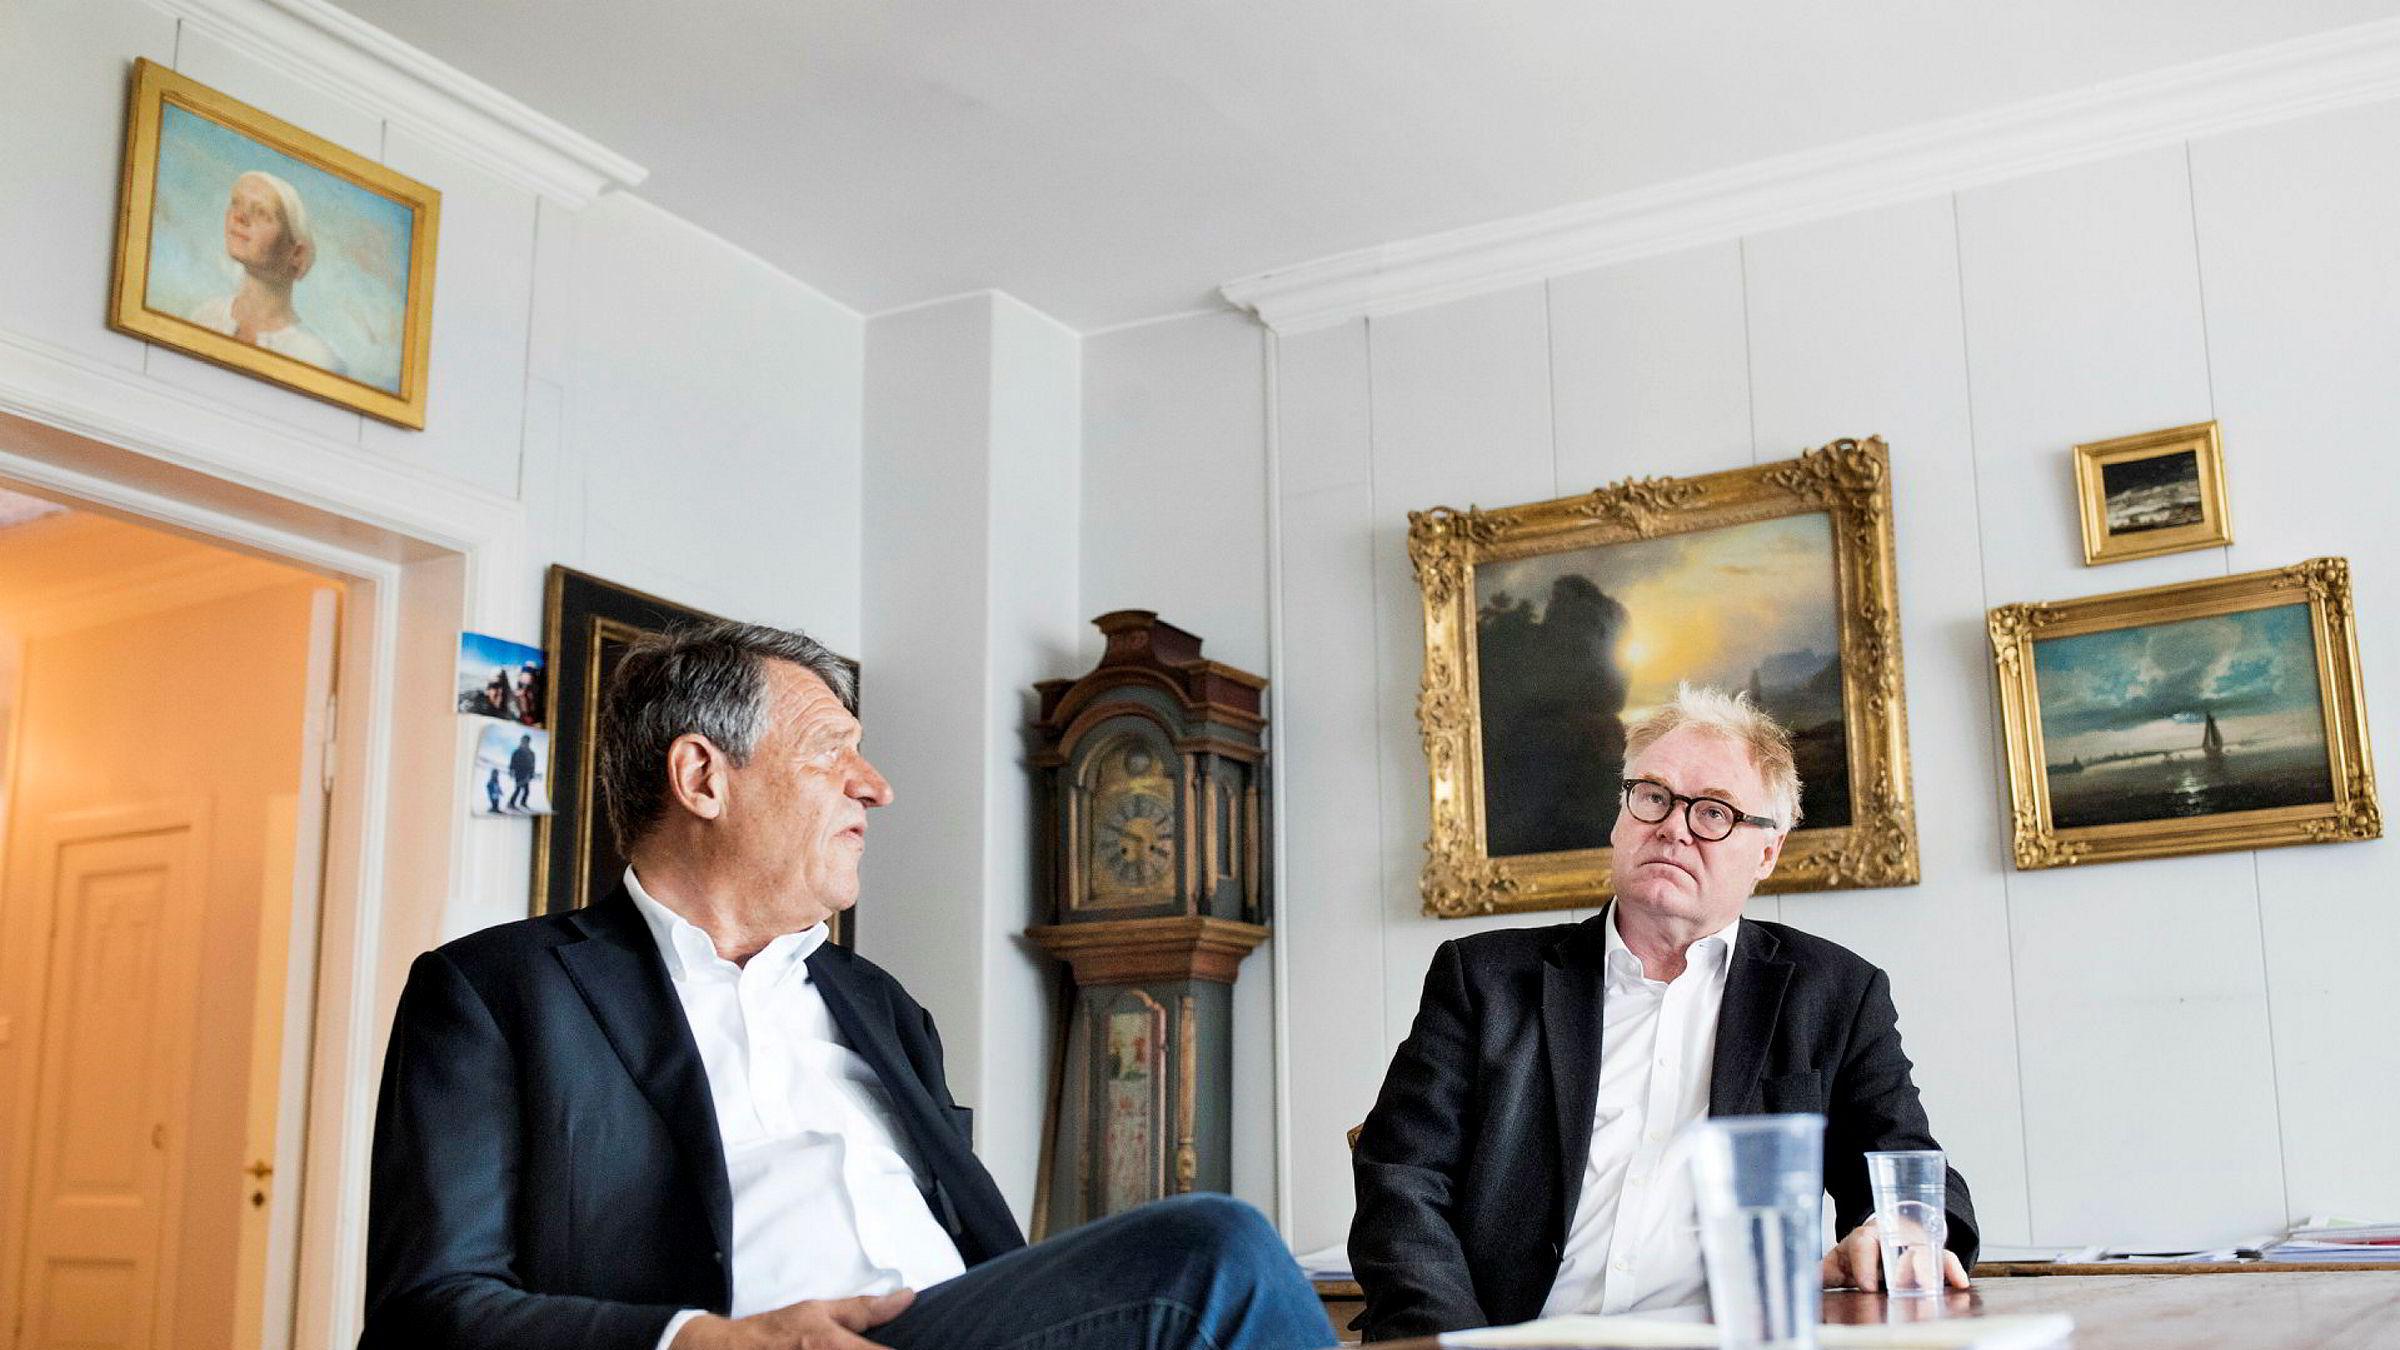 Cato Schiøtz (til venstre), som representerer Pål Gundersen, mener det er Gundersen som har eiendomsretten til Munch-trykket «Madonna». Da kunstekspert Morten Zondag, som forvalter Gundersens Munch-samling, ville hente «Madonna»-trykket tirsdag, ville ikke DHL gi fra seg bildet.